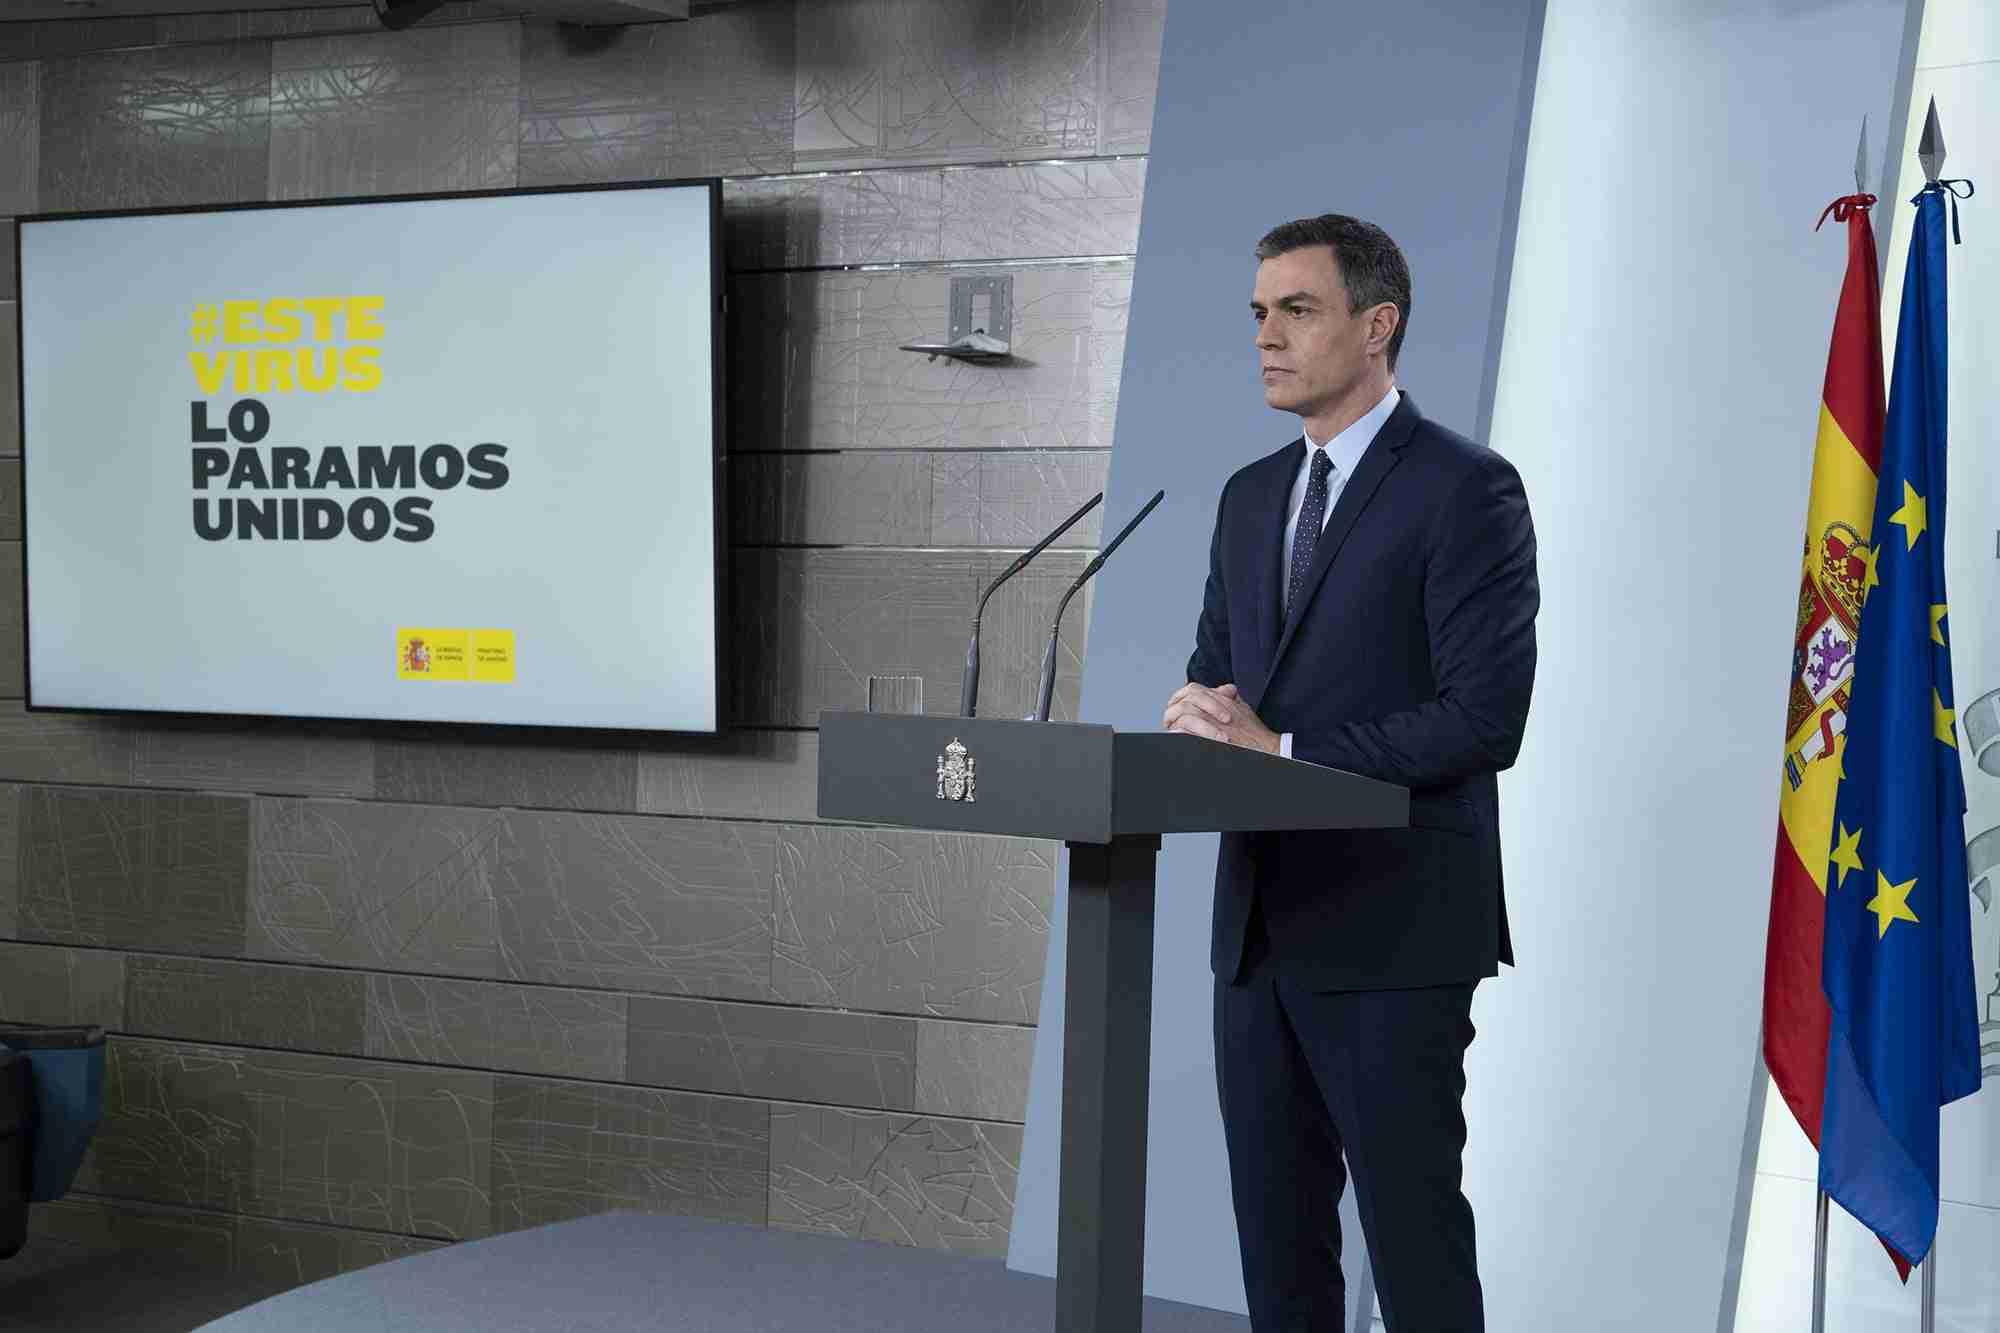 Pedro Sanchez acerca del coronavirus. Pool Moncloa/Borja Puig de la Bellacasa